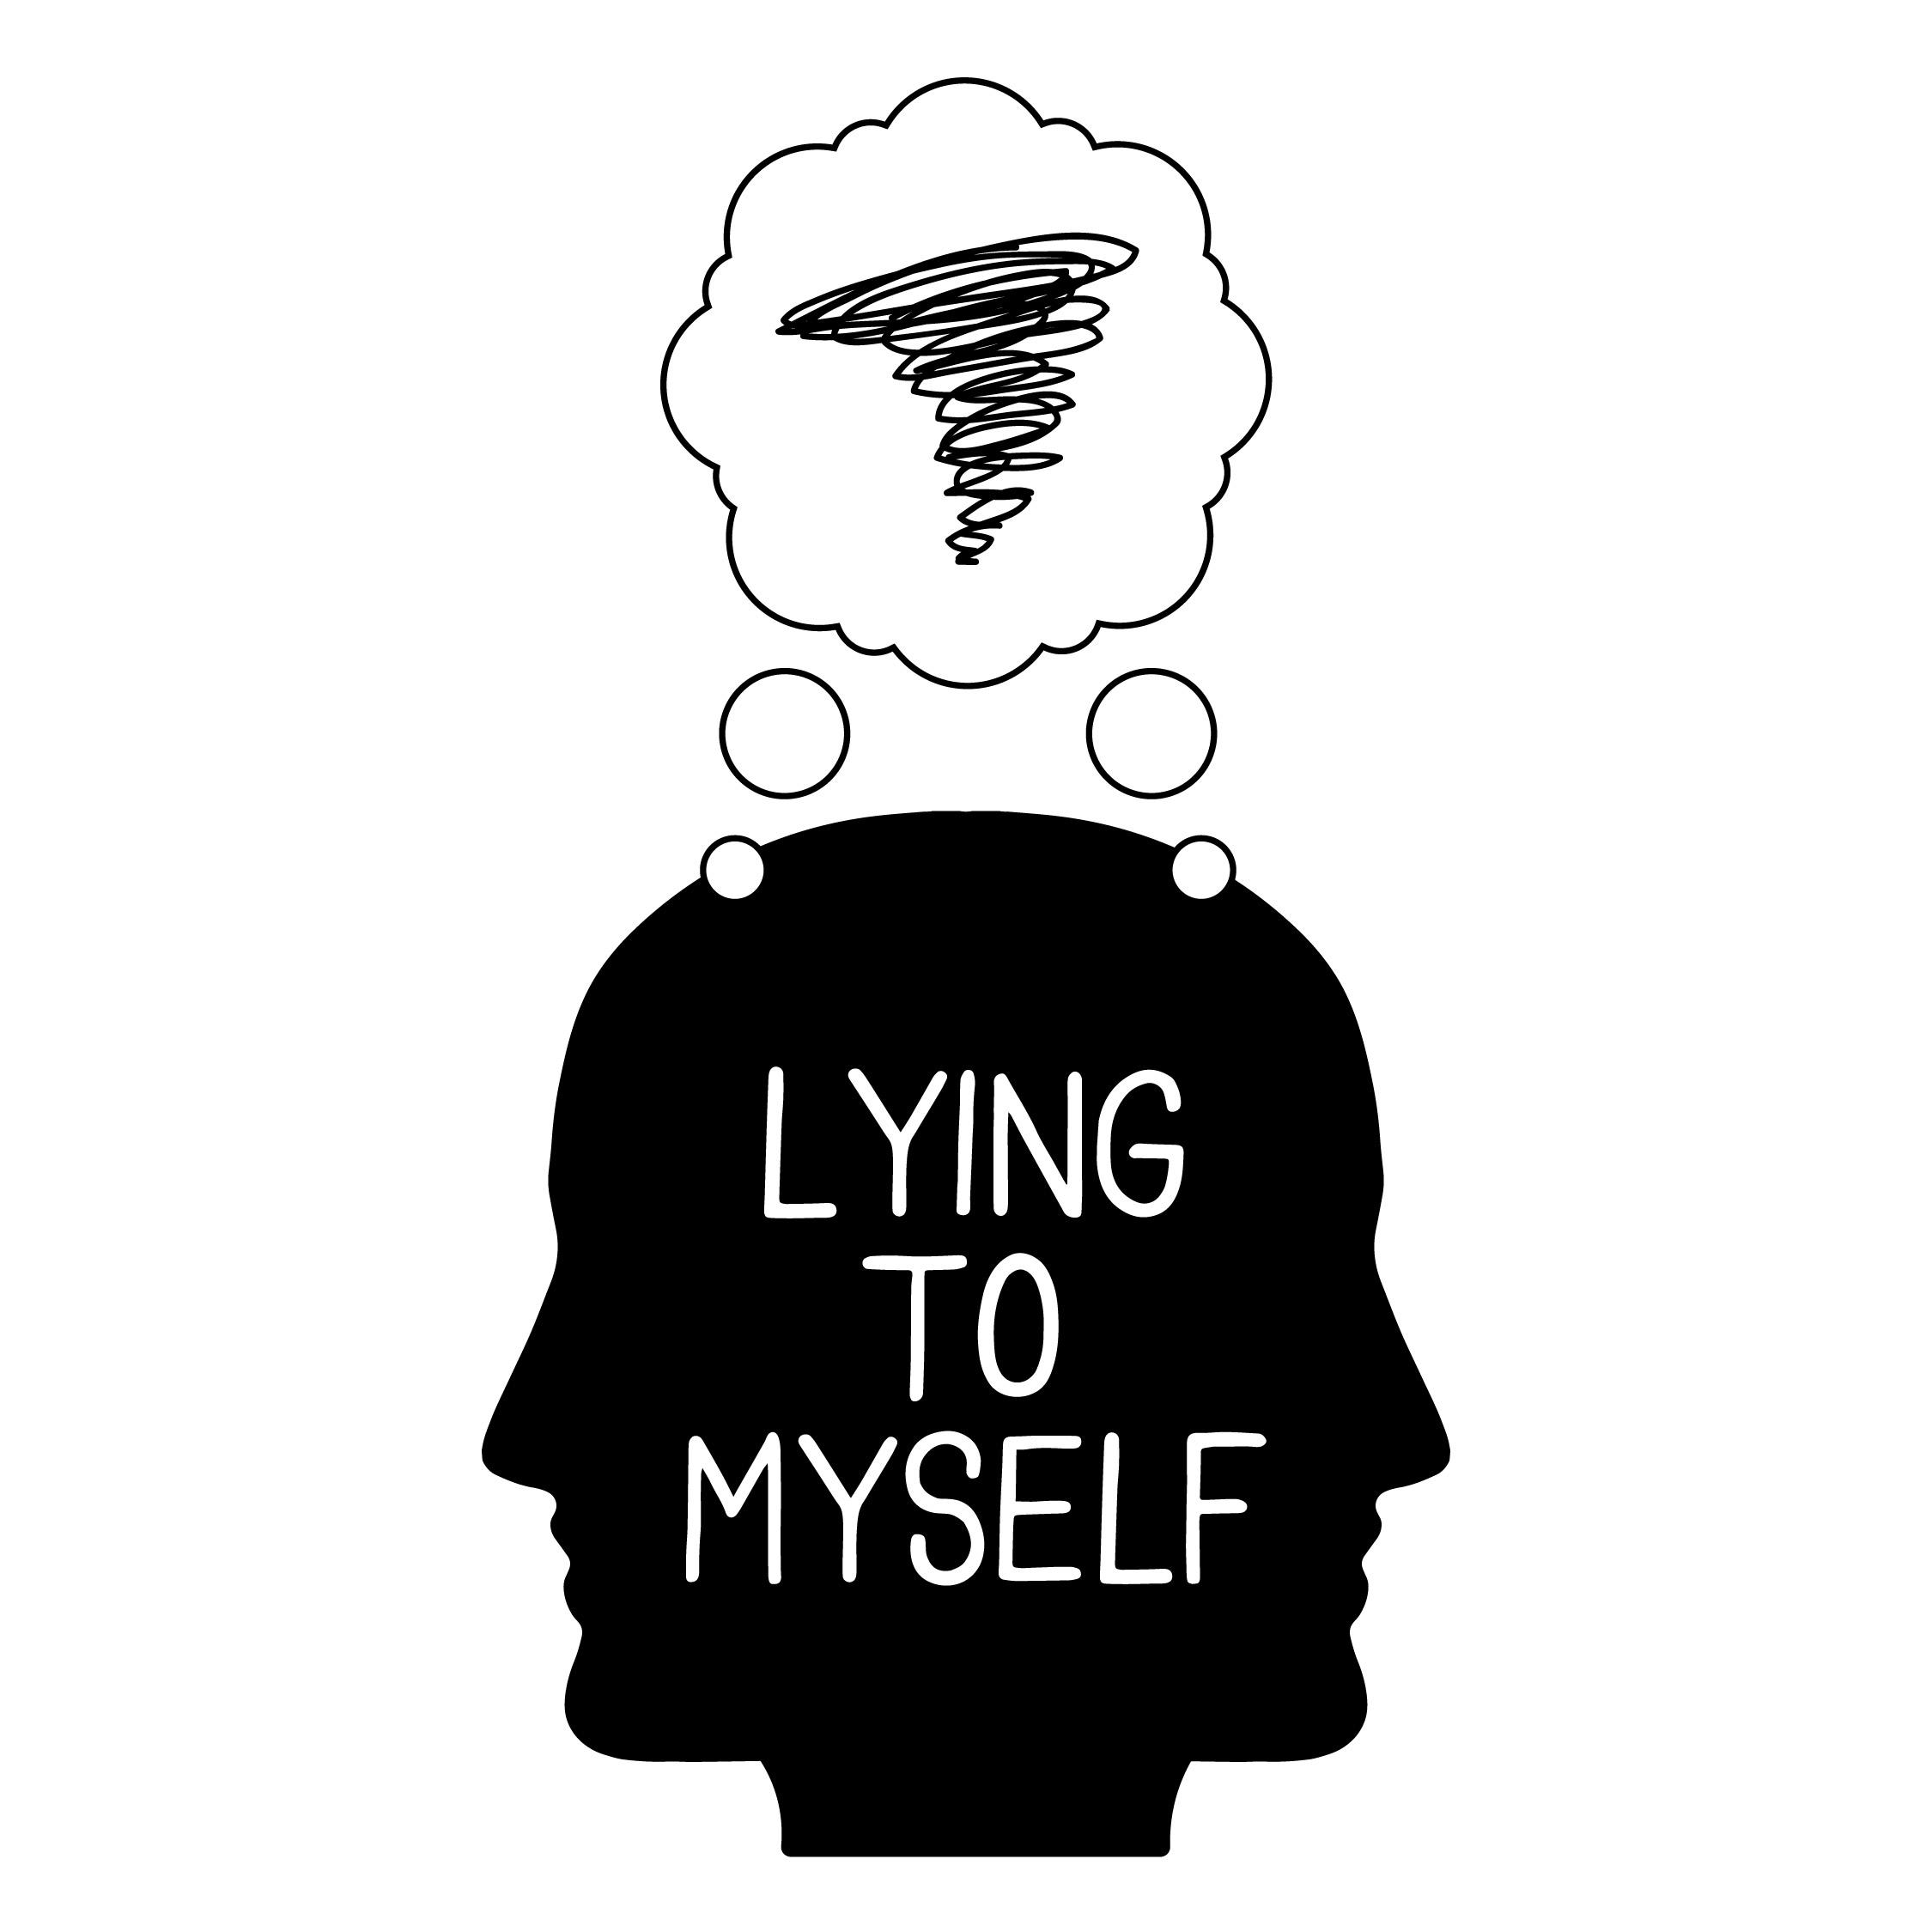 lyingtomyself-01.jpg